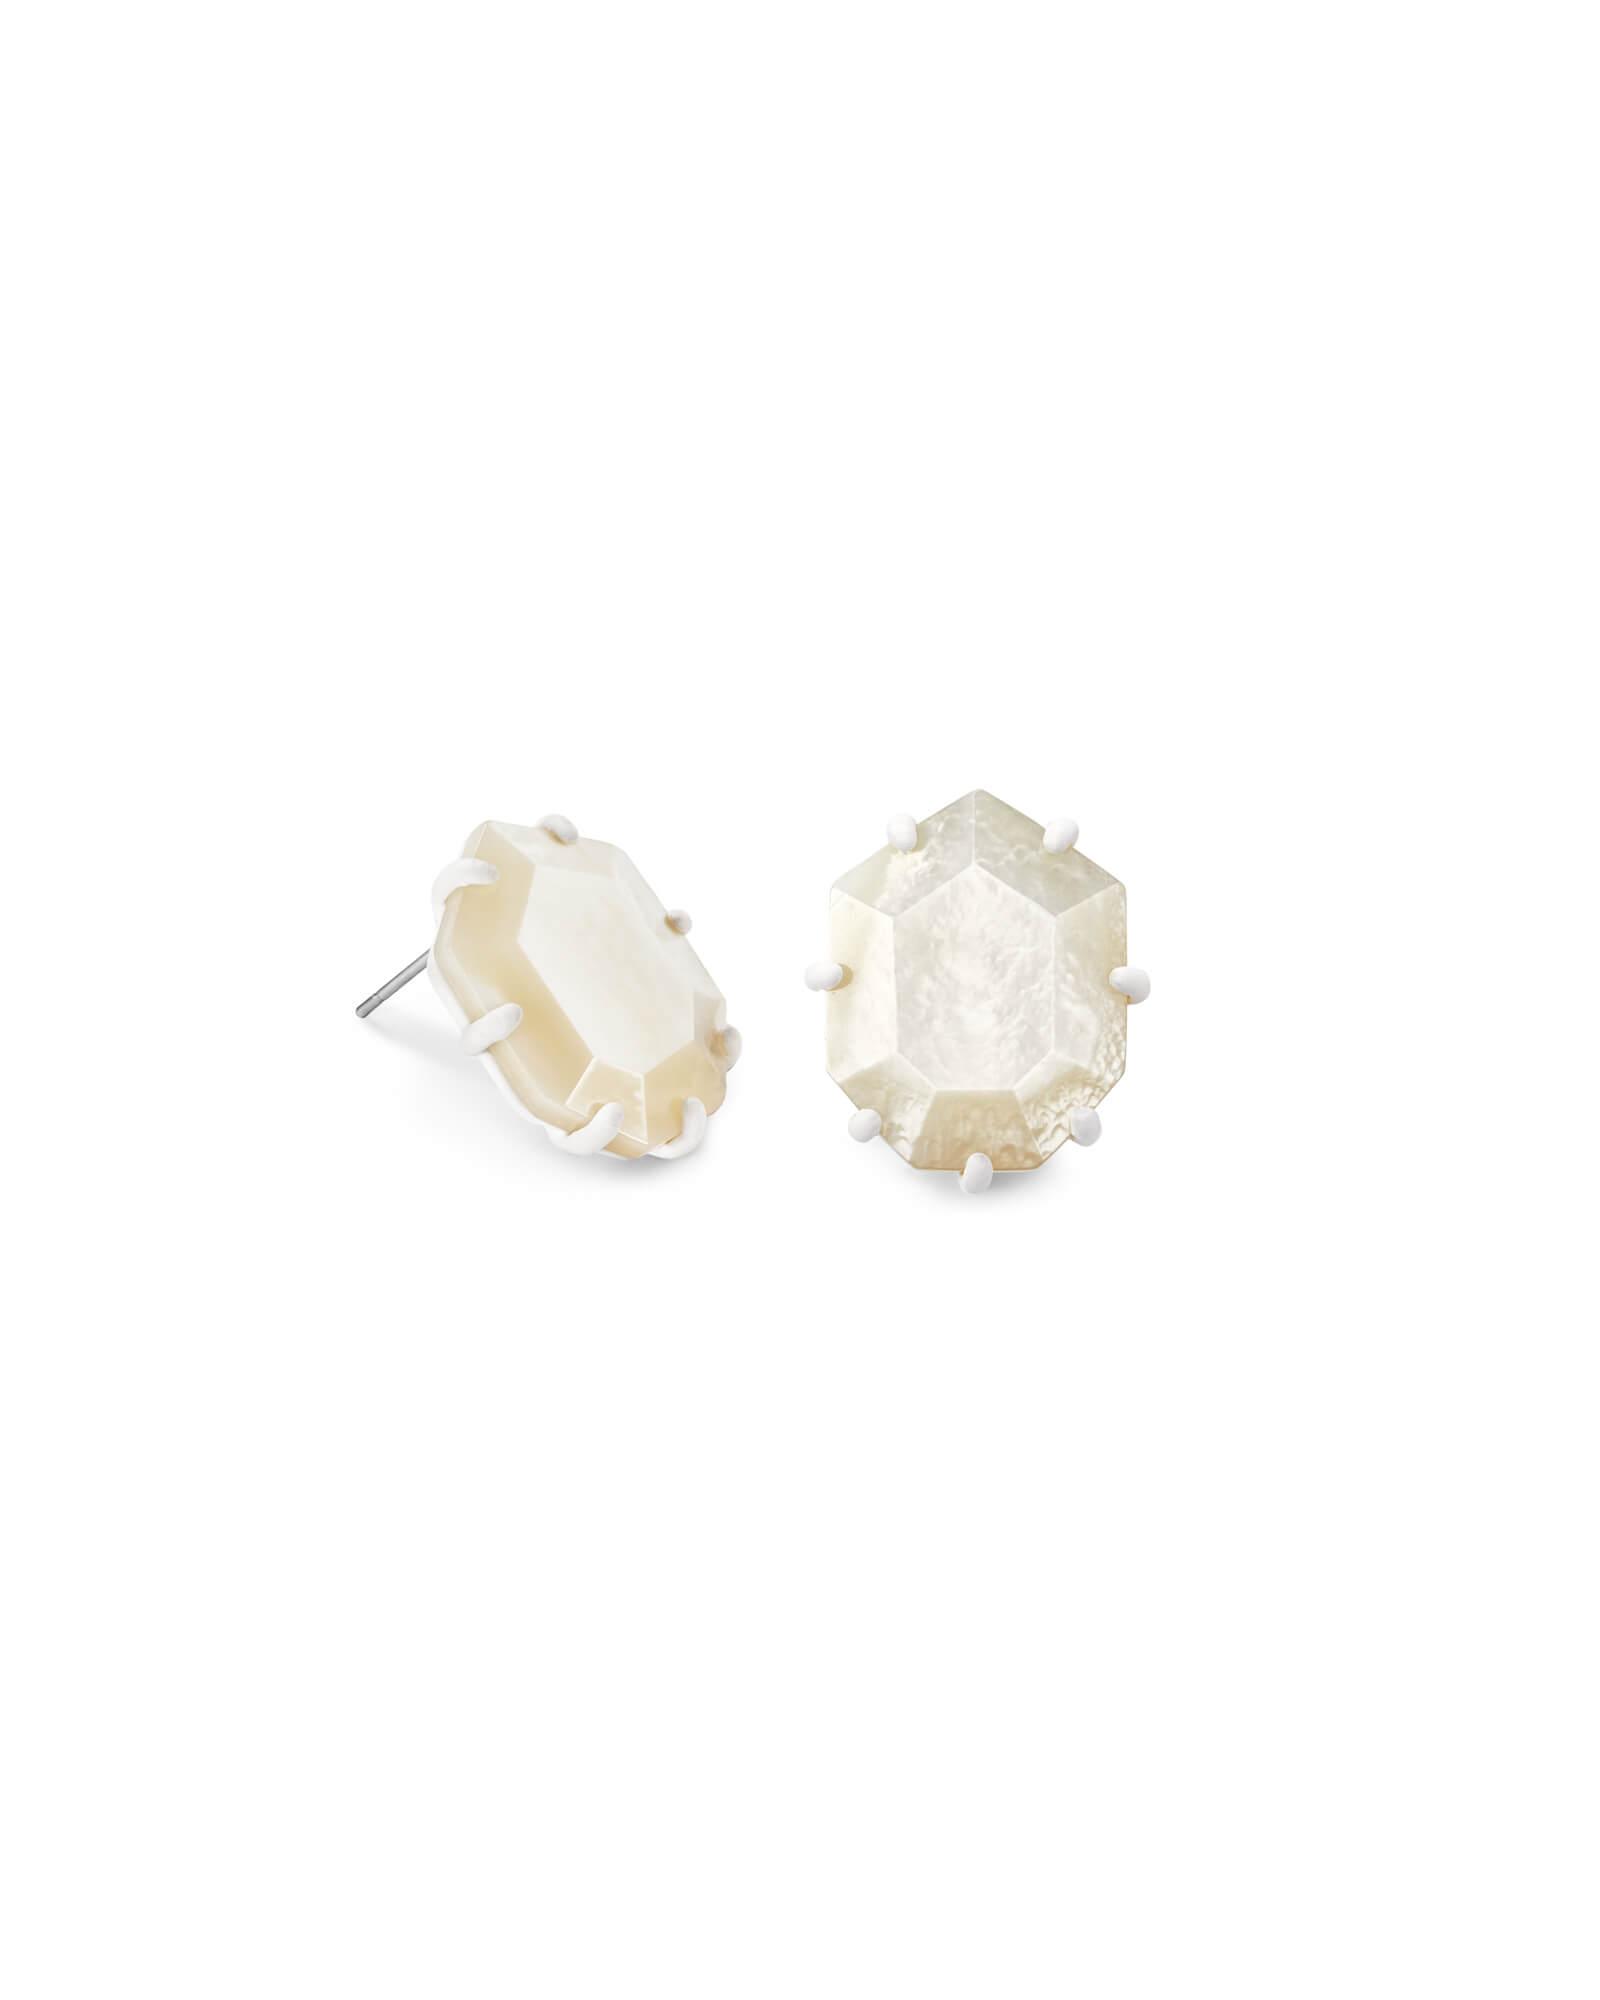 Kendra Scott Morgan Matte Stud Earrings Jssw1